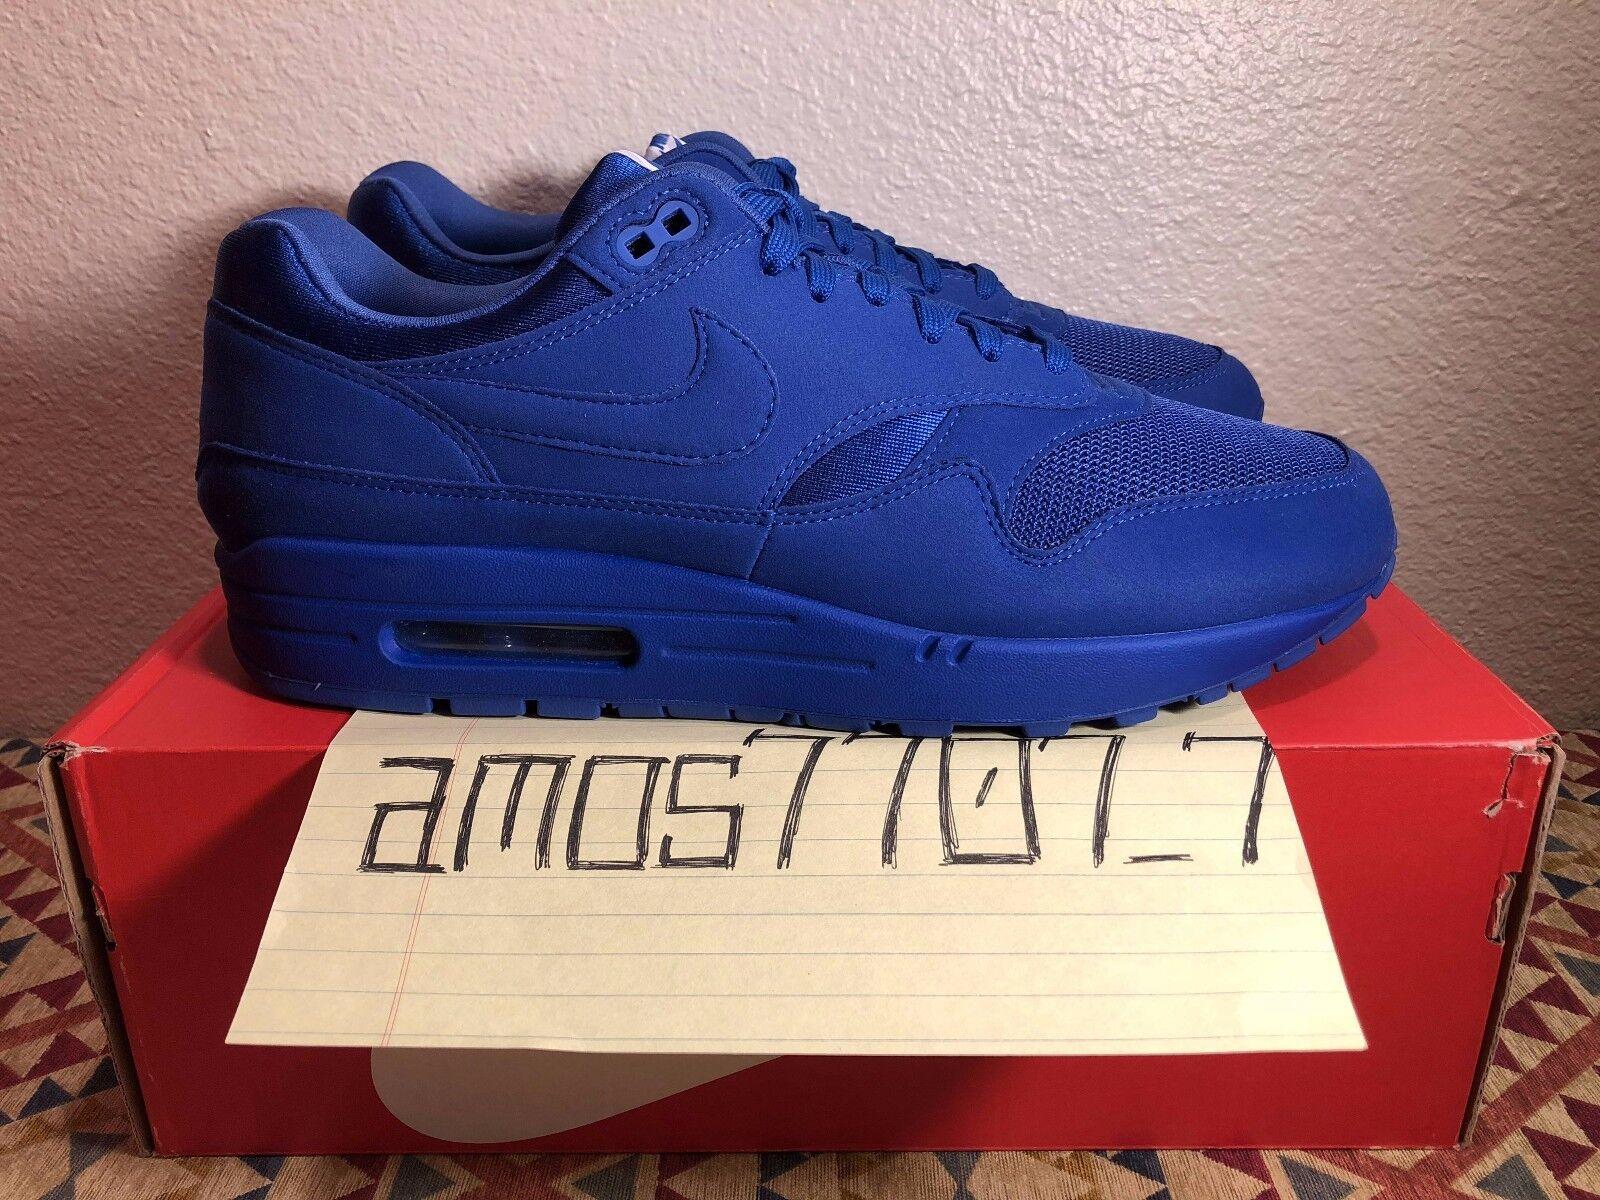 Nike air max 1 premio tonale confezione blu reale 875844 400 sz 9 10 11 13